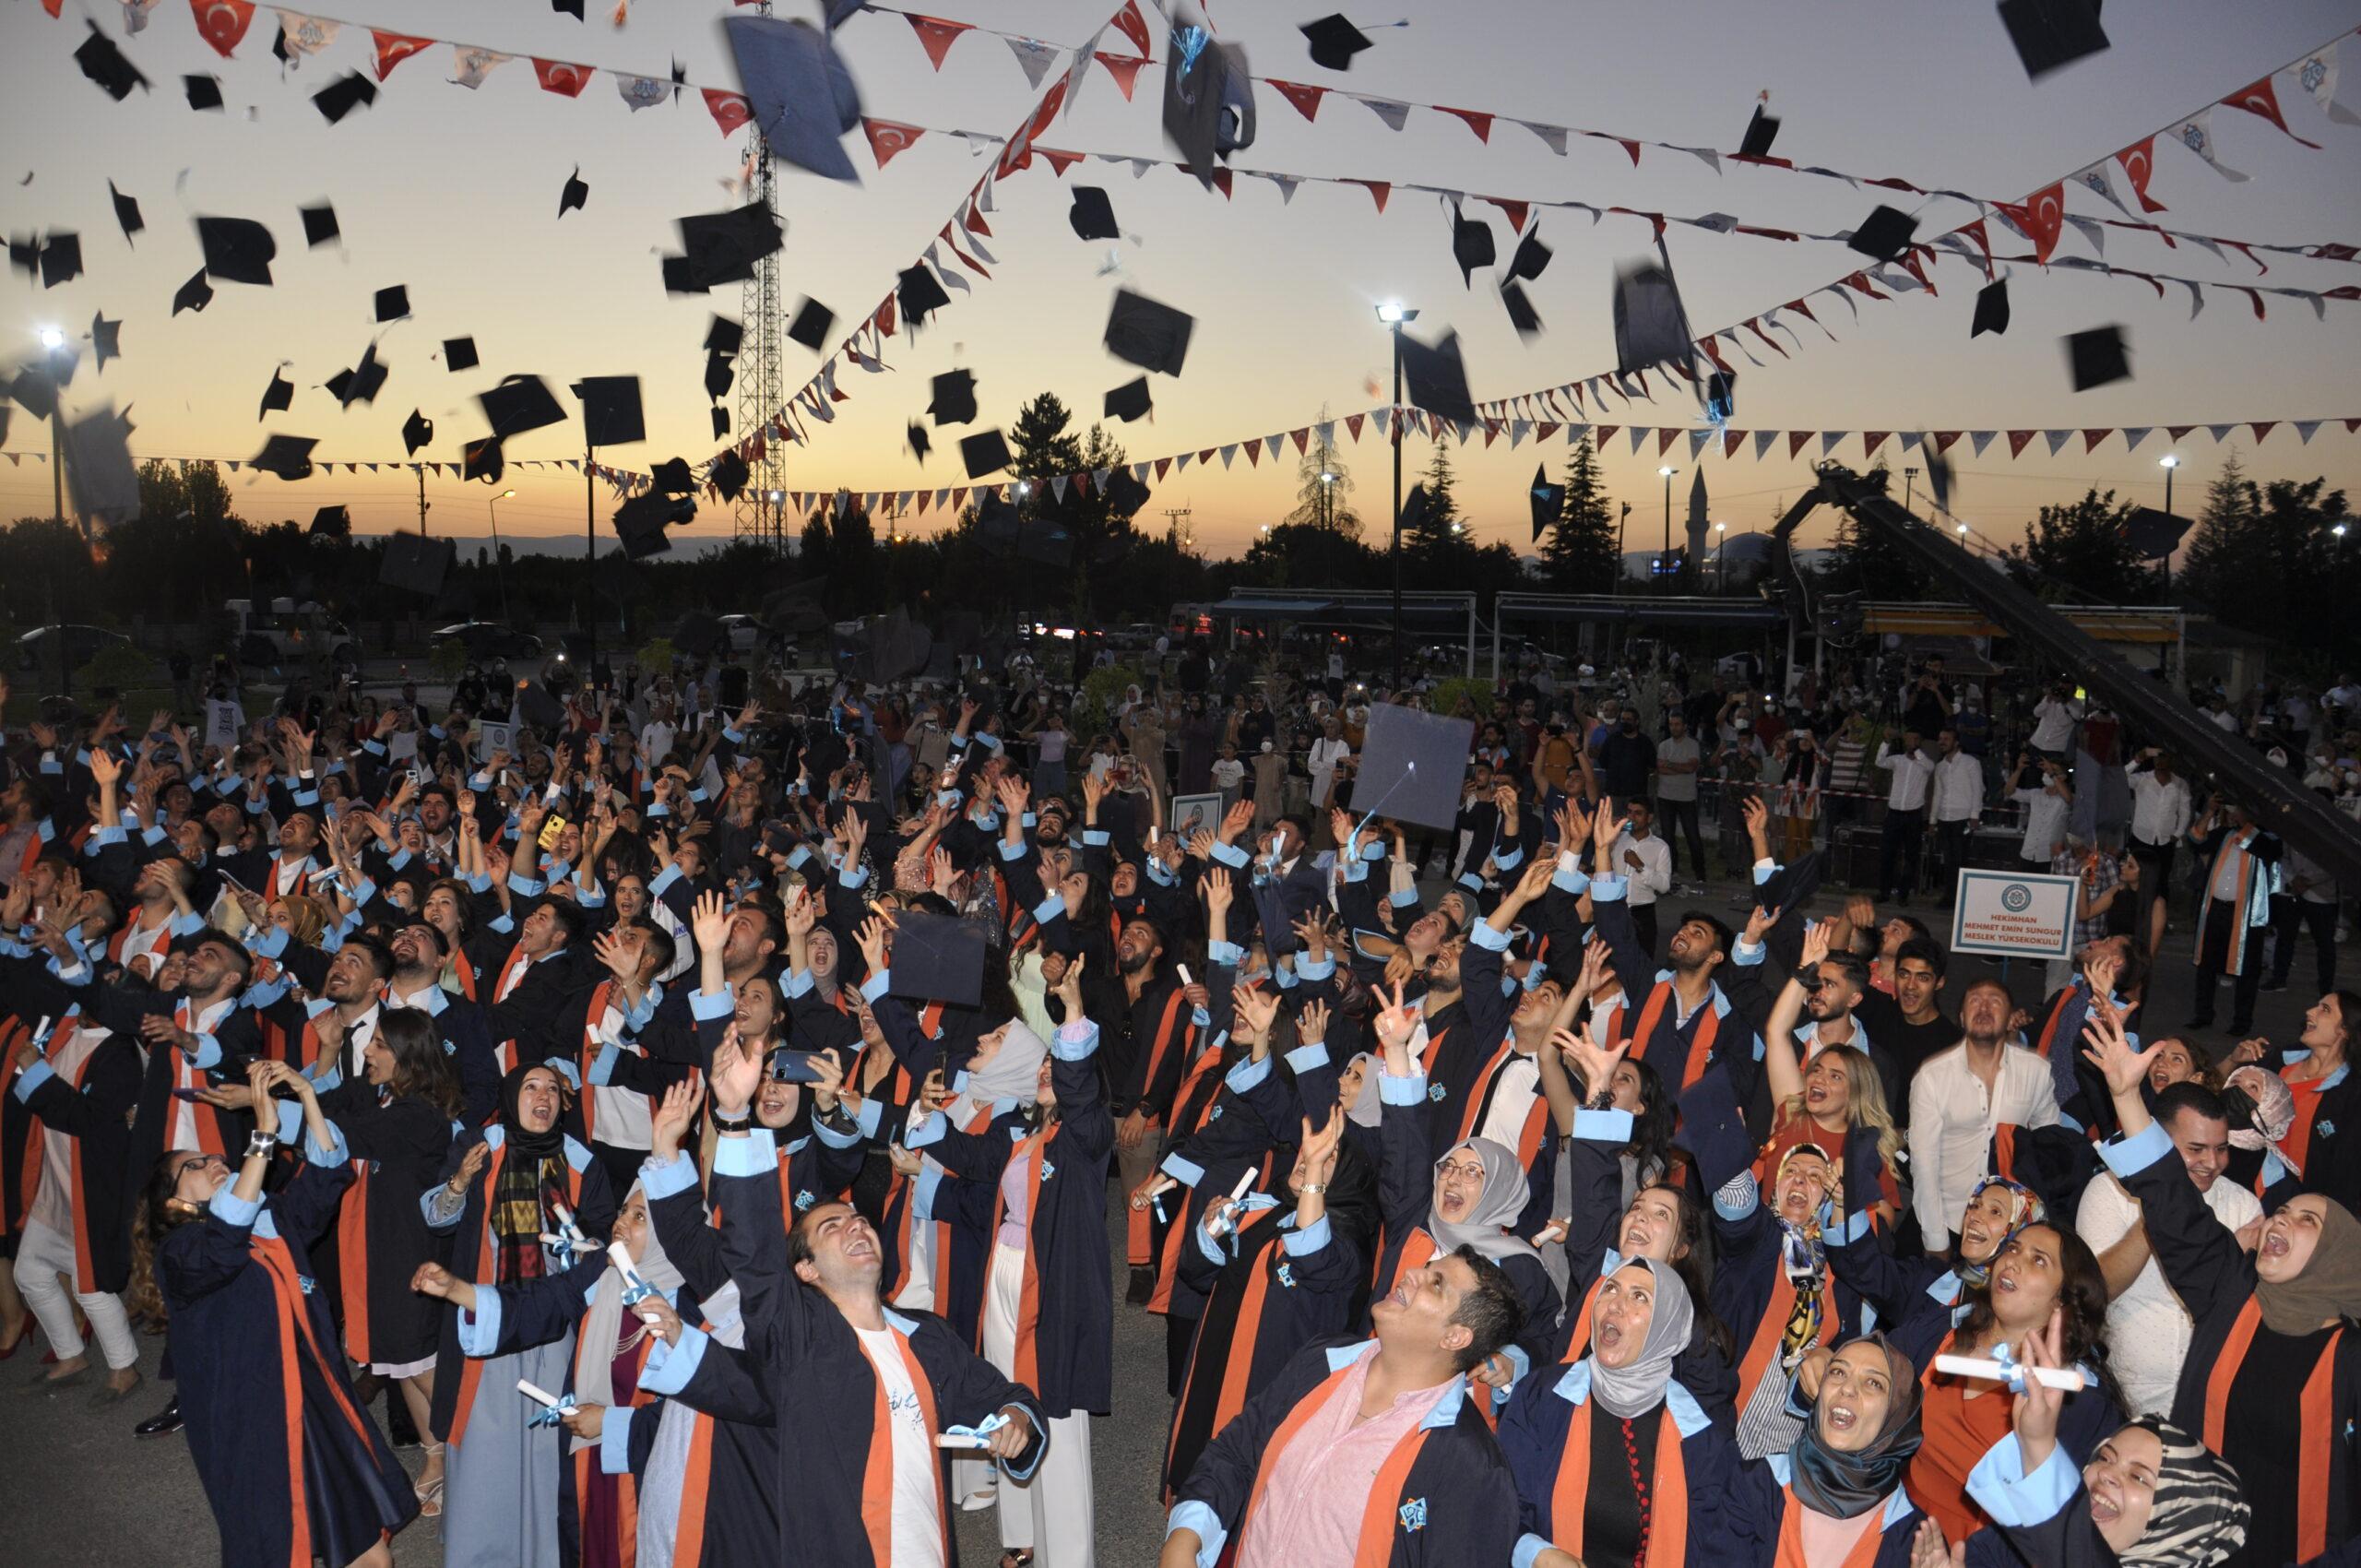 Malatya Turgut Özal Üniversitesinden; Muhteşem mezuniyet töreni